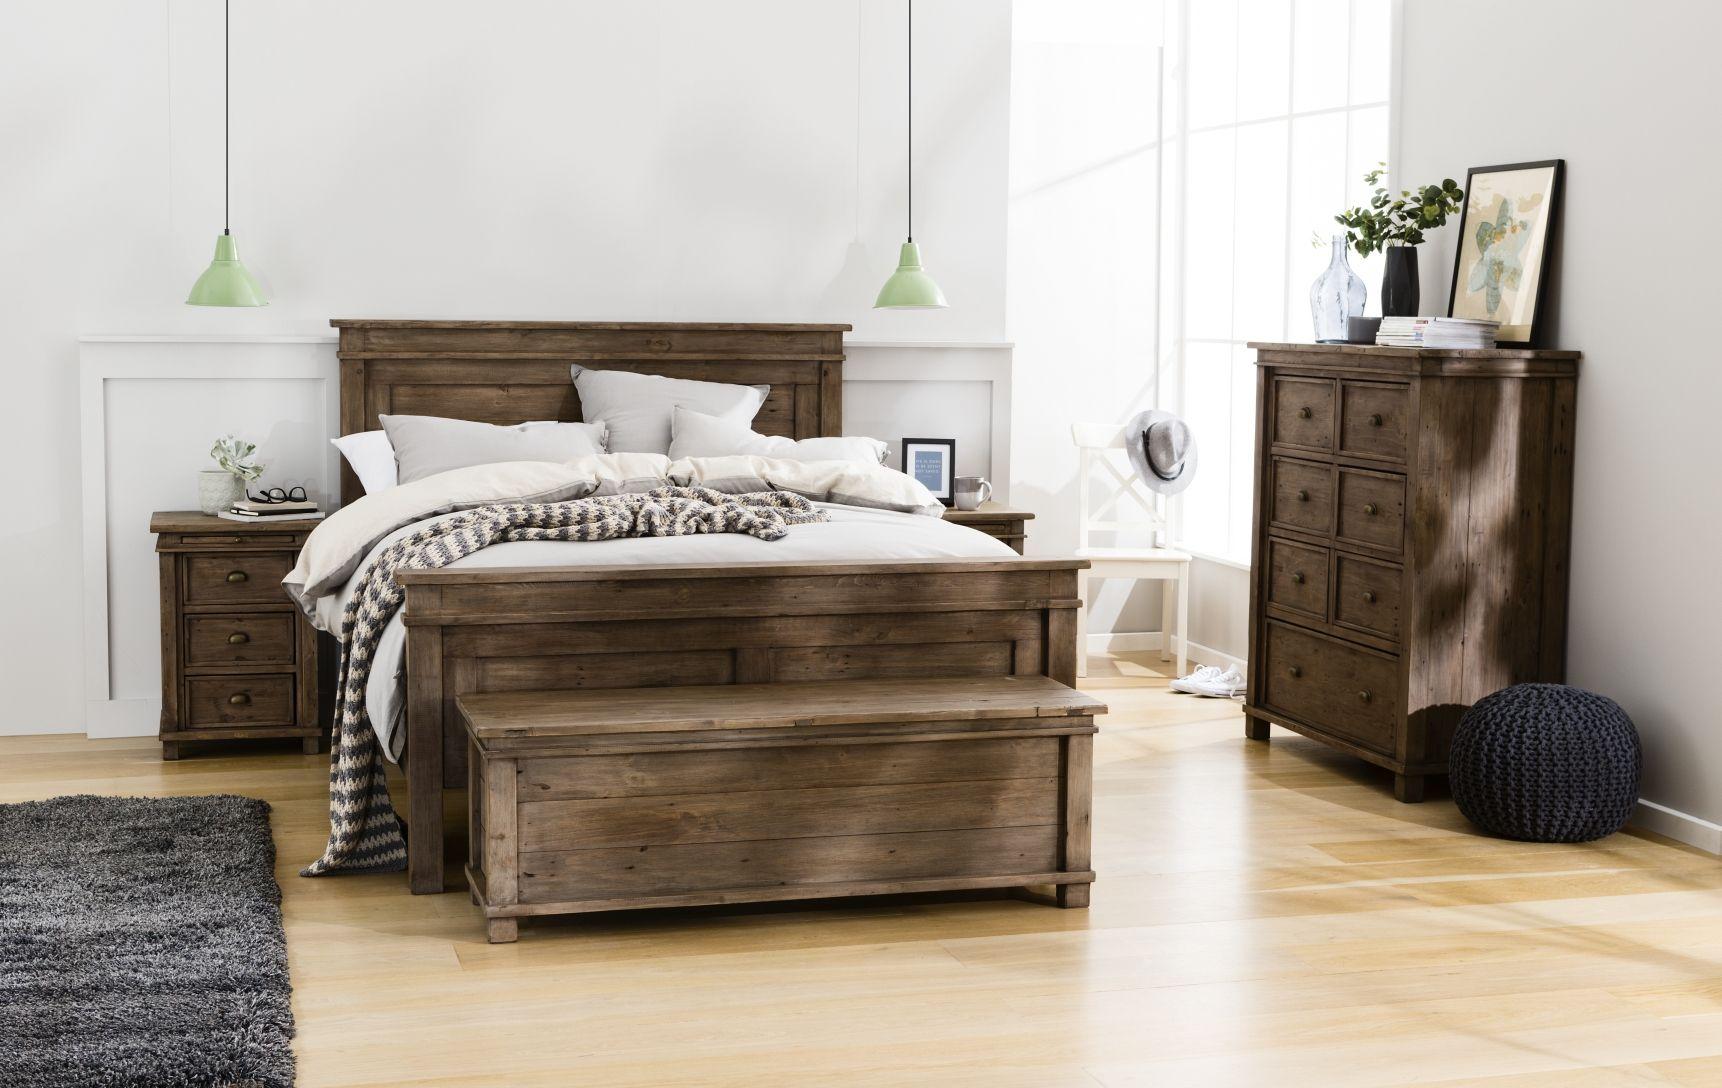 Pgt139135 1 1 722 1 088 Pixels Furniture Bedroom Furniture Bed